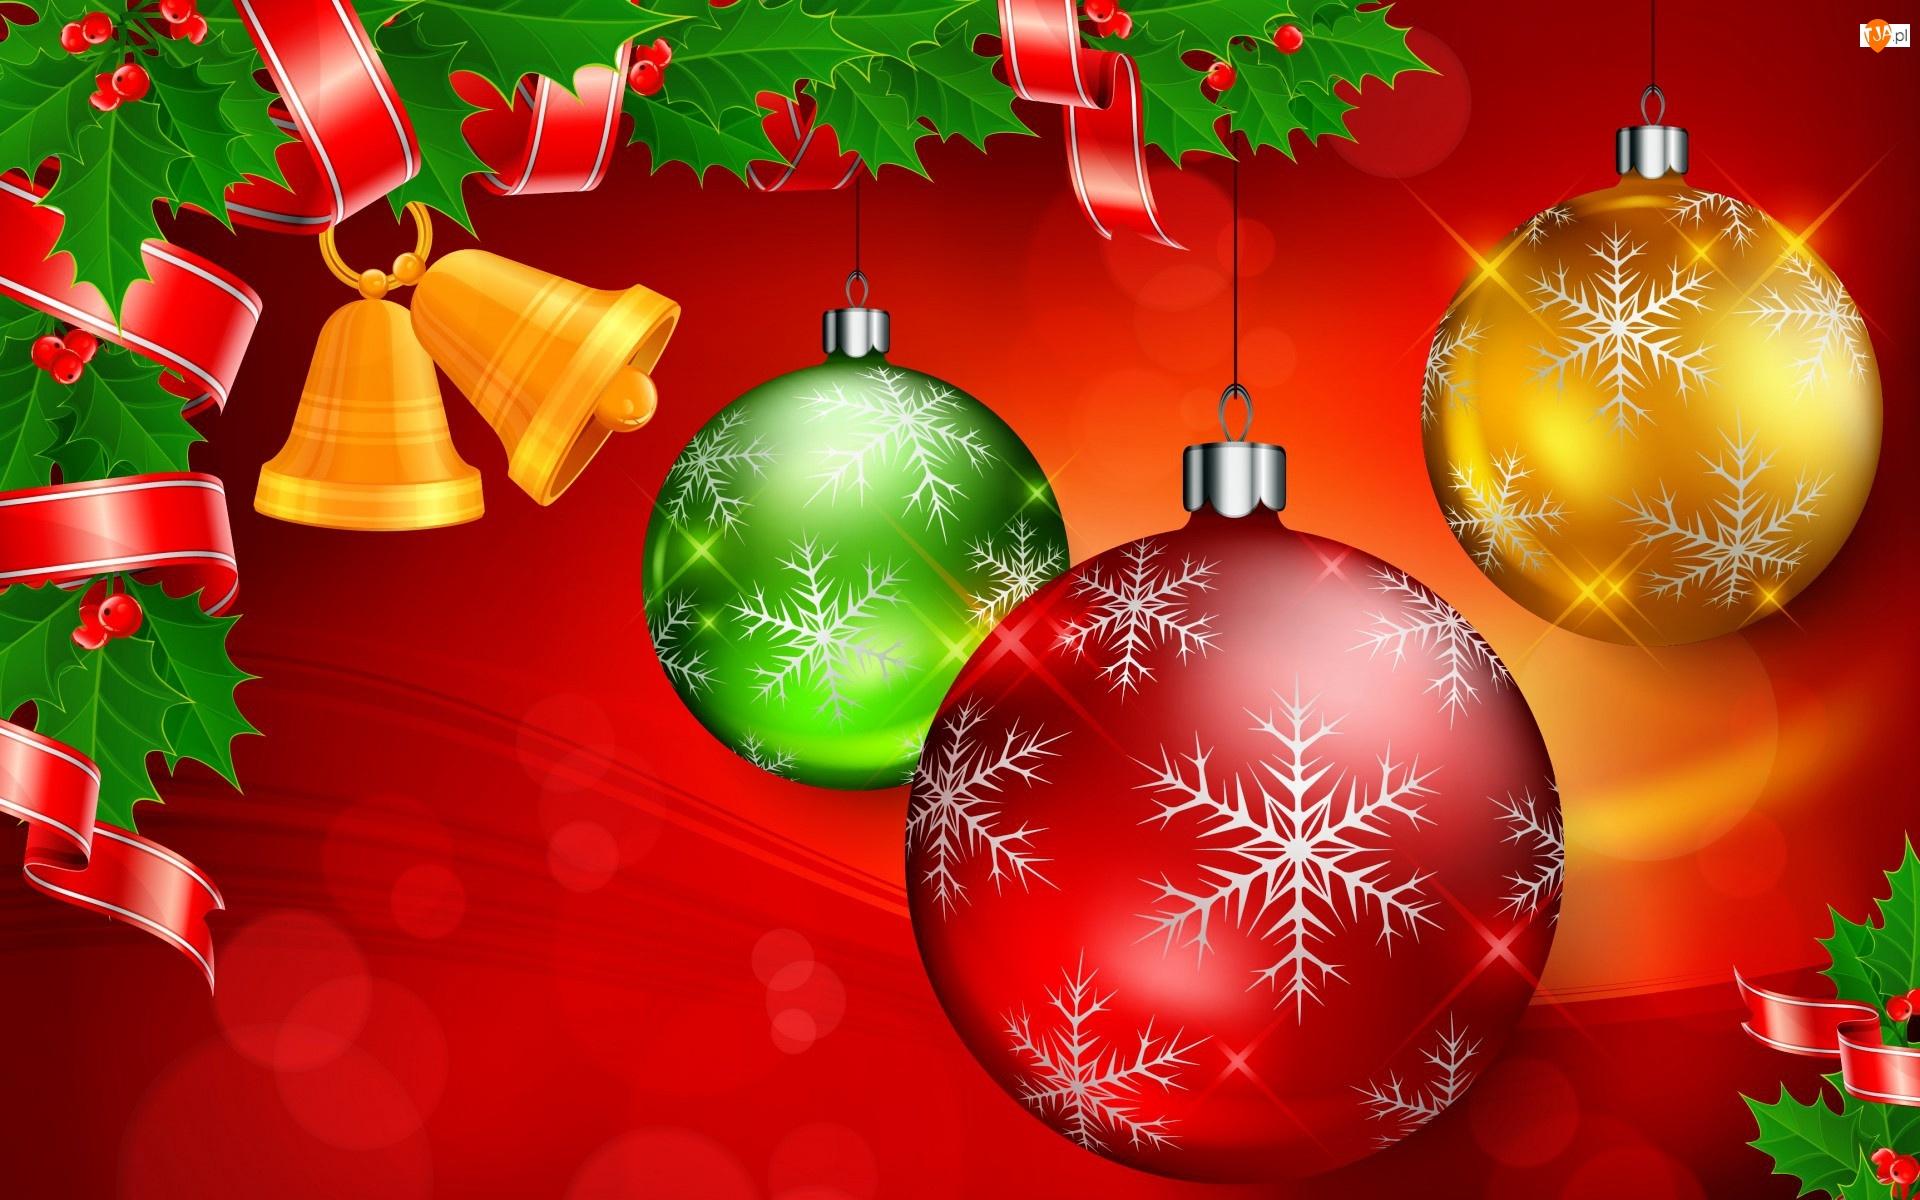 Bombki, Boże Narodzenie, Dzwonki